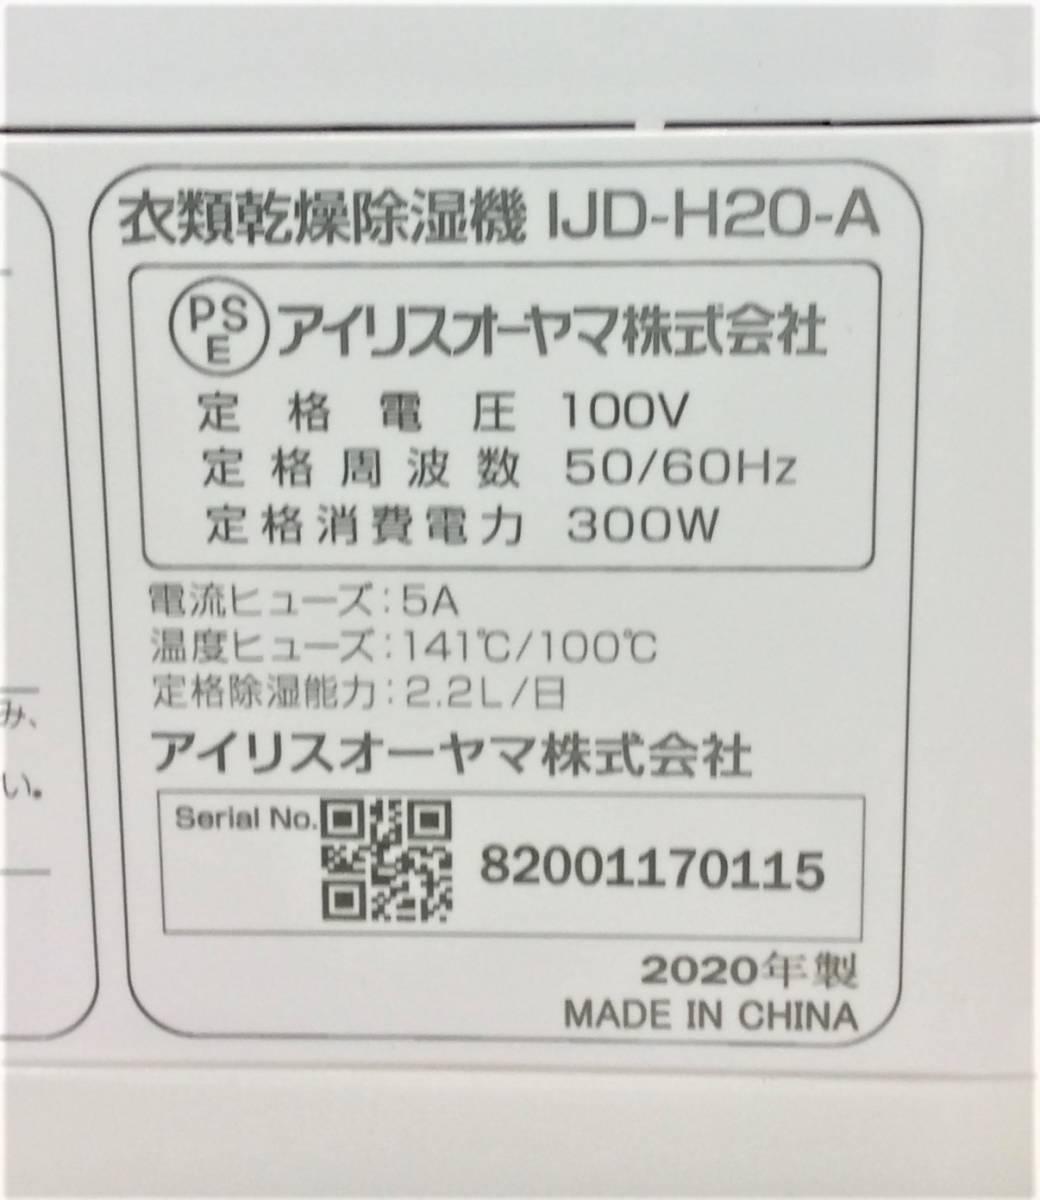 ☆超美品☆ 衣類乾燥除湿器 アイリスオーヤマ 2020年製 IJD-H20 強力除湿 タイマー付 静音設計 除湿量2.2L デシカント方式_画像6